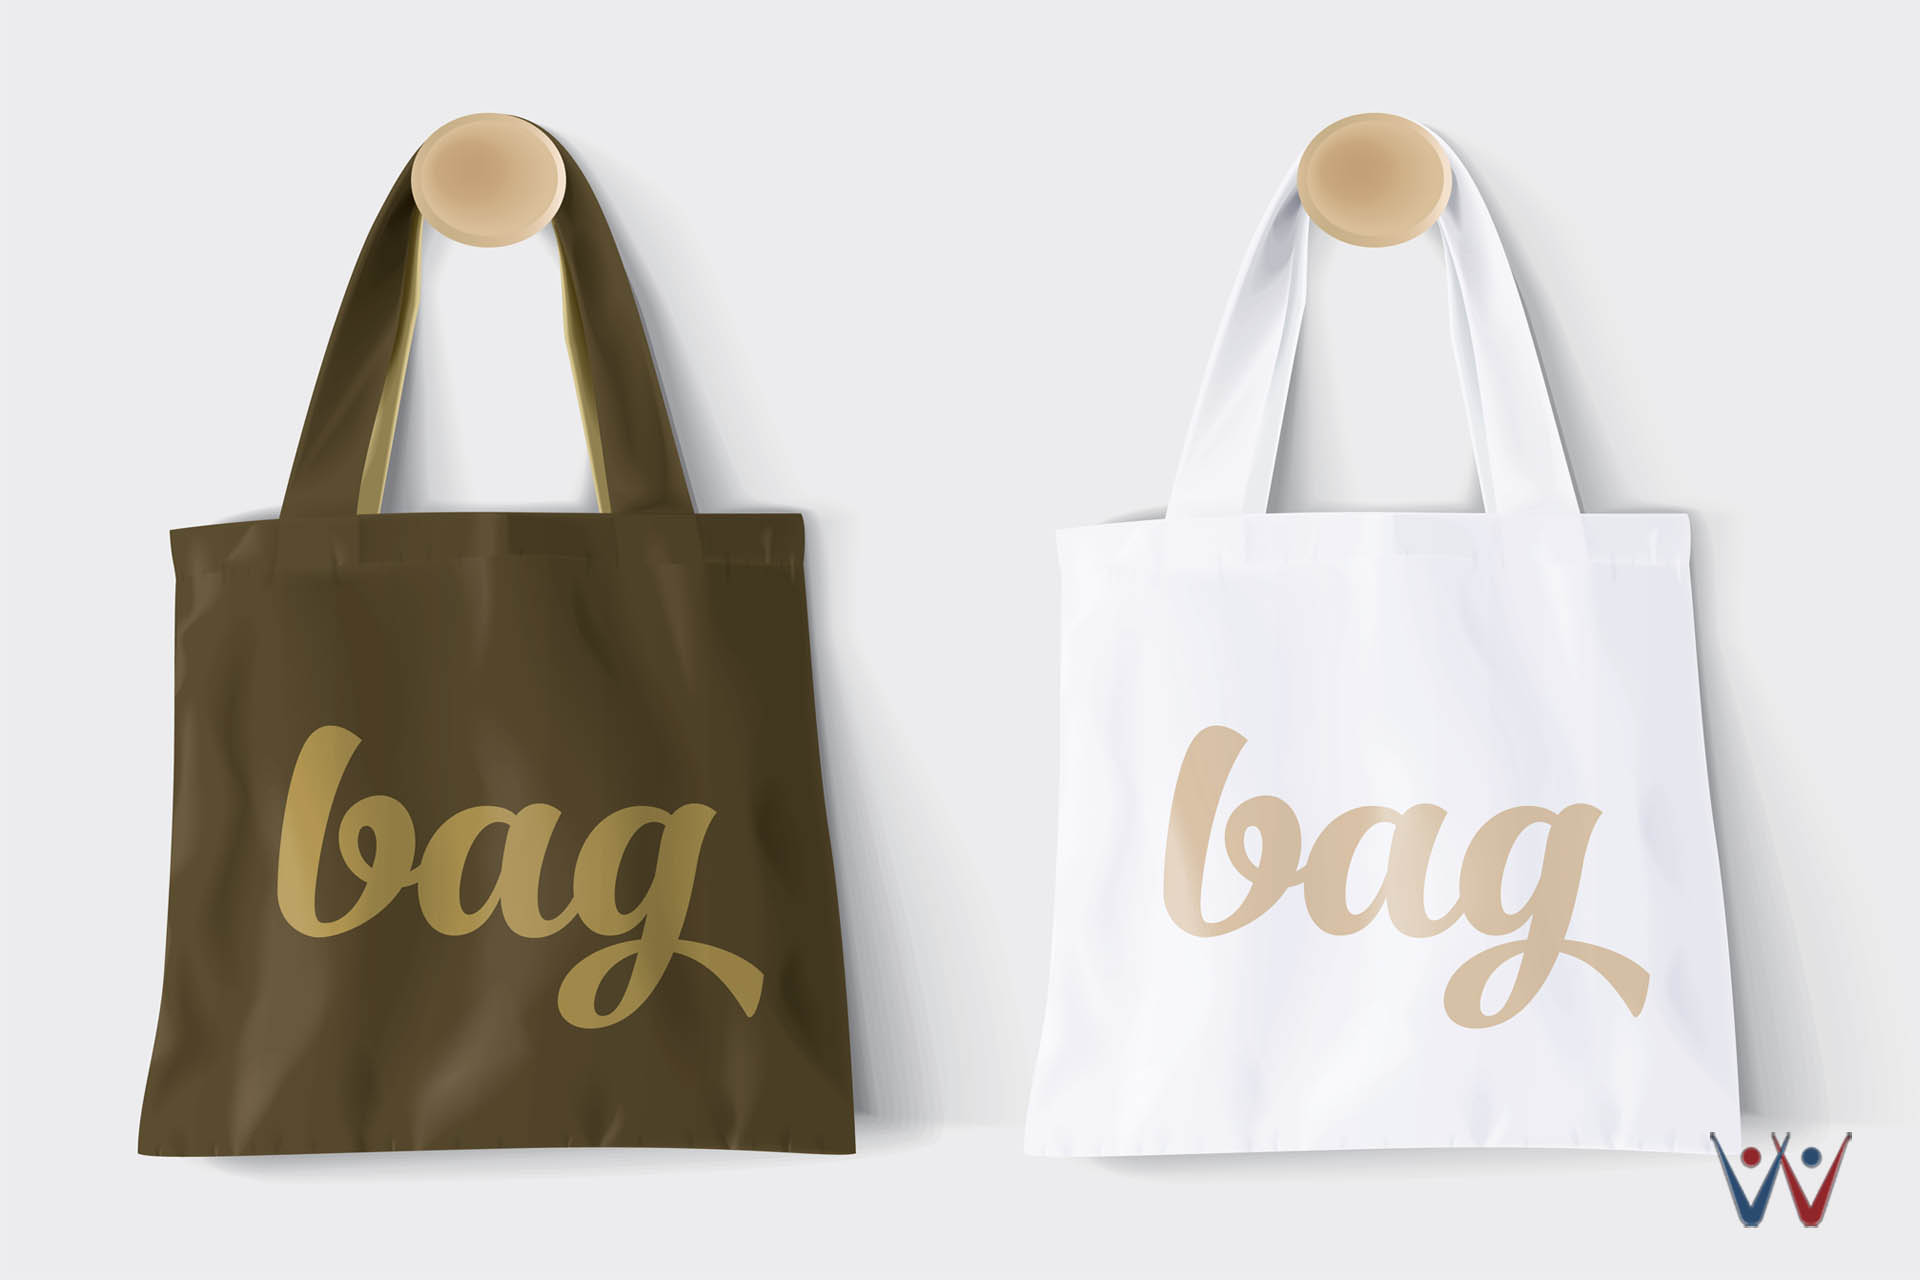 Bisnis Jadi Laris Manis Berkat Merchandise yang Menarik